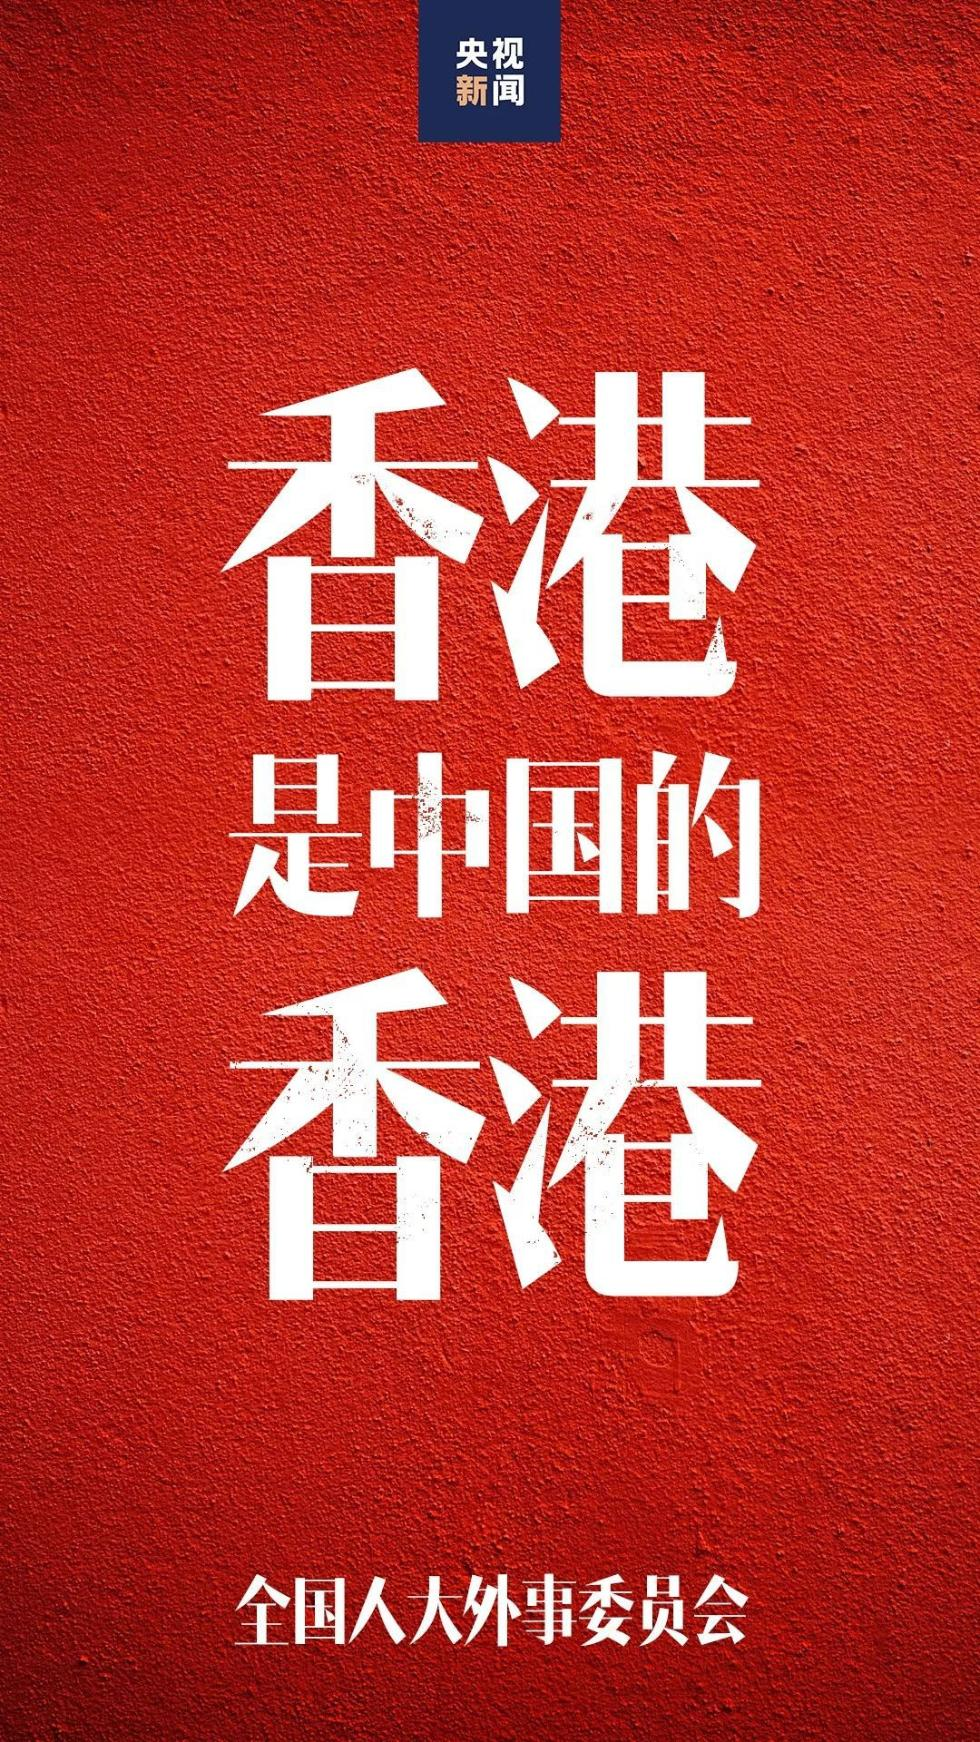 """#环球网#""""香港是中国的香港!""""《新闻联播?#33778;?#36830;发亮明中国态度"""